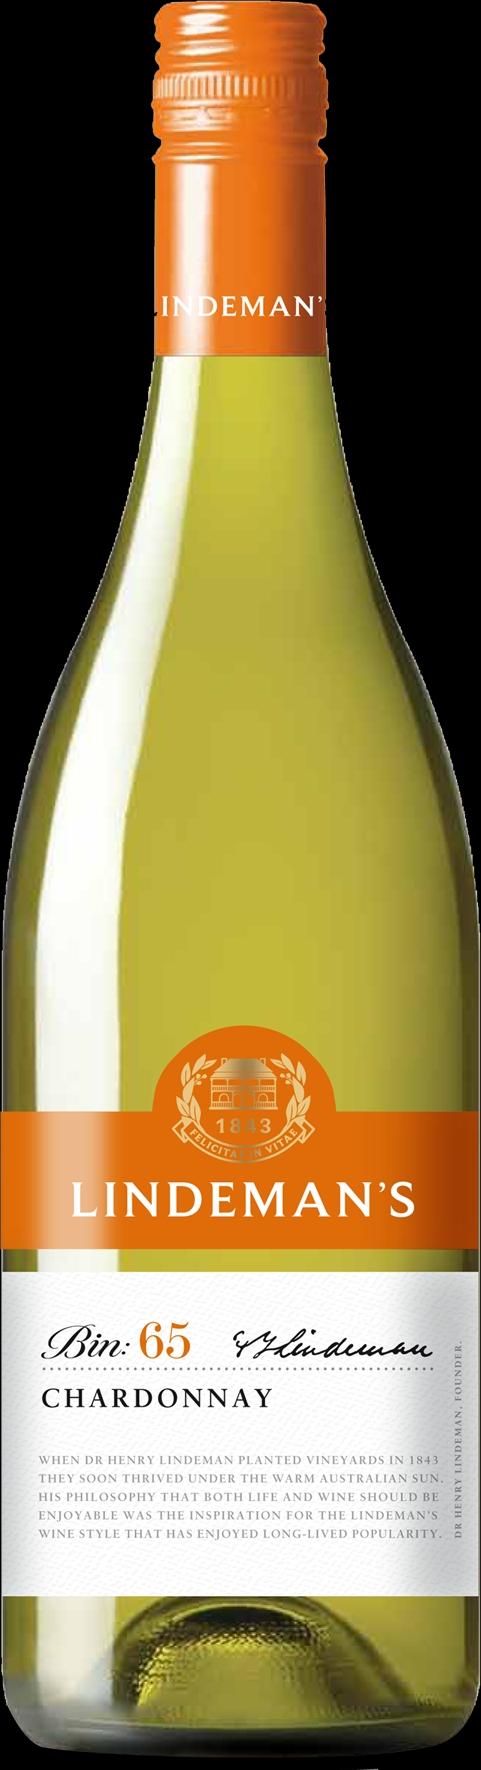 Lindemanns BIN 65, Chardonnay, white